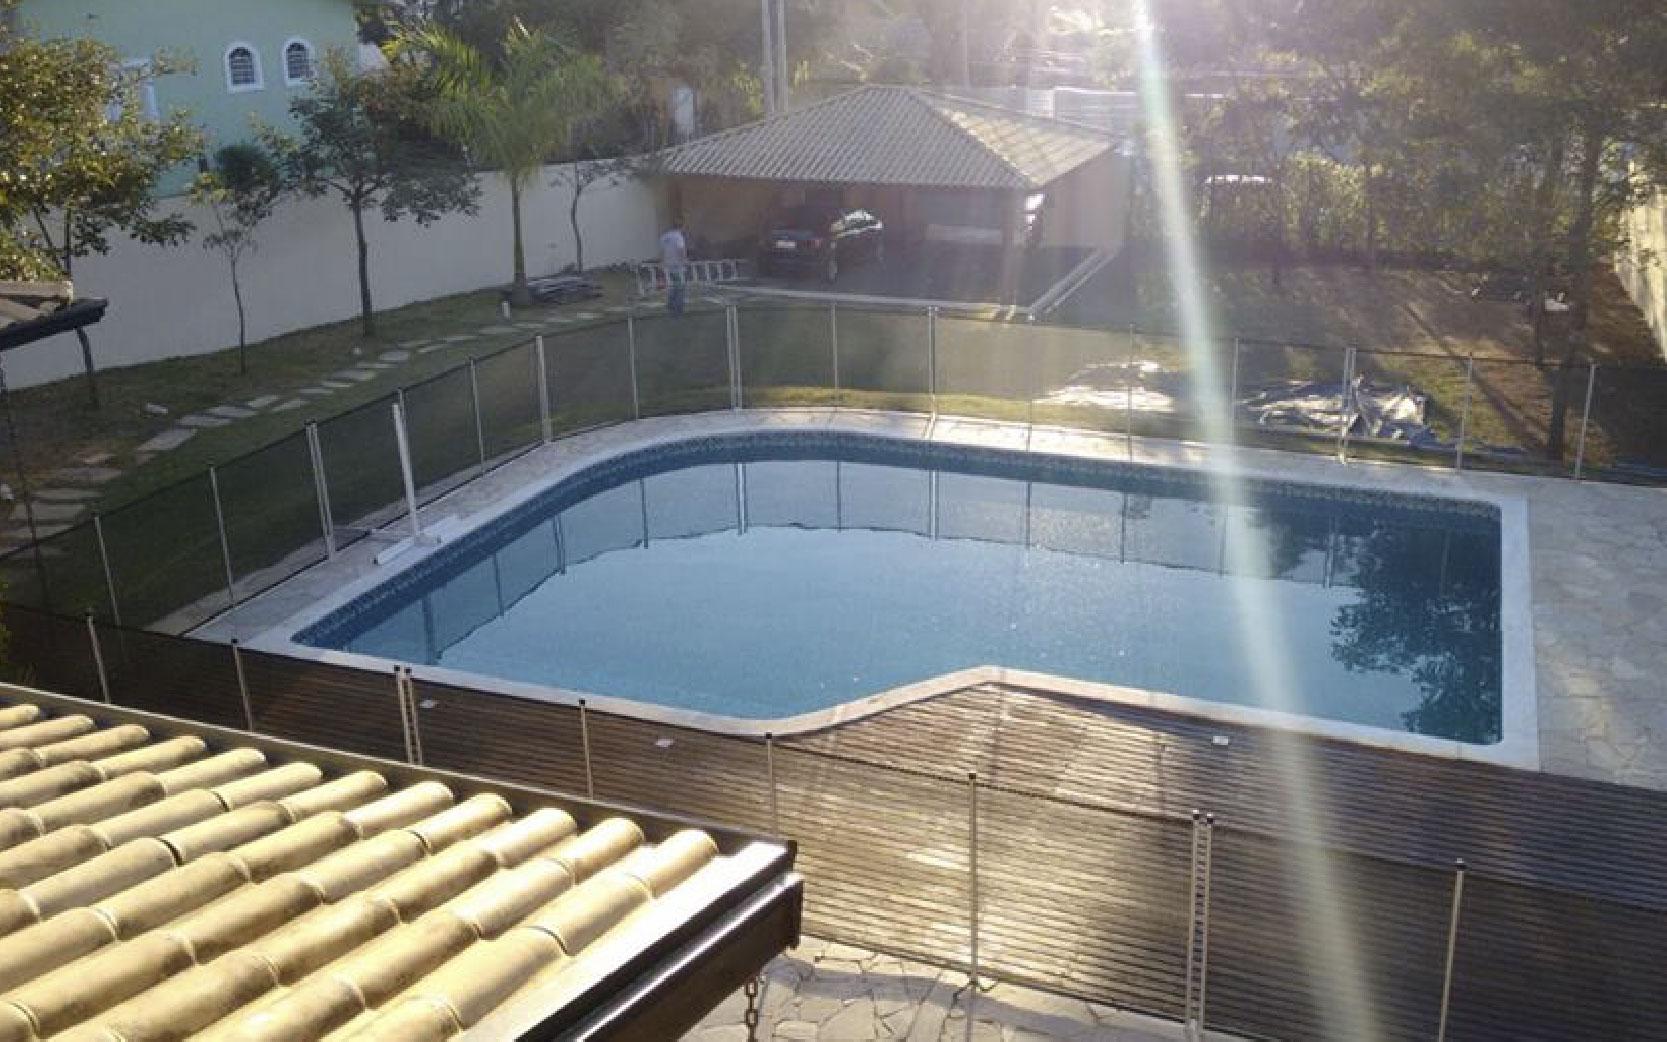 cerca_segurança_piscina-02